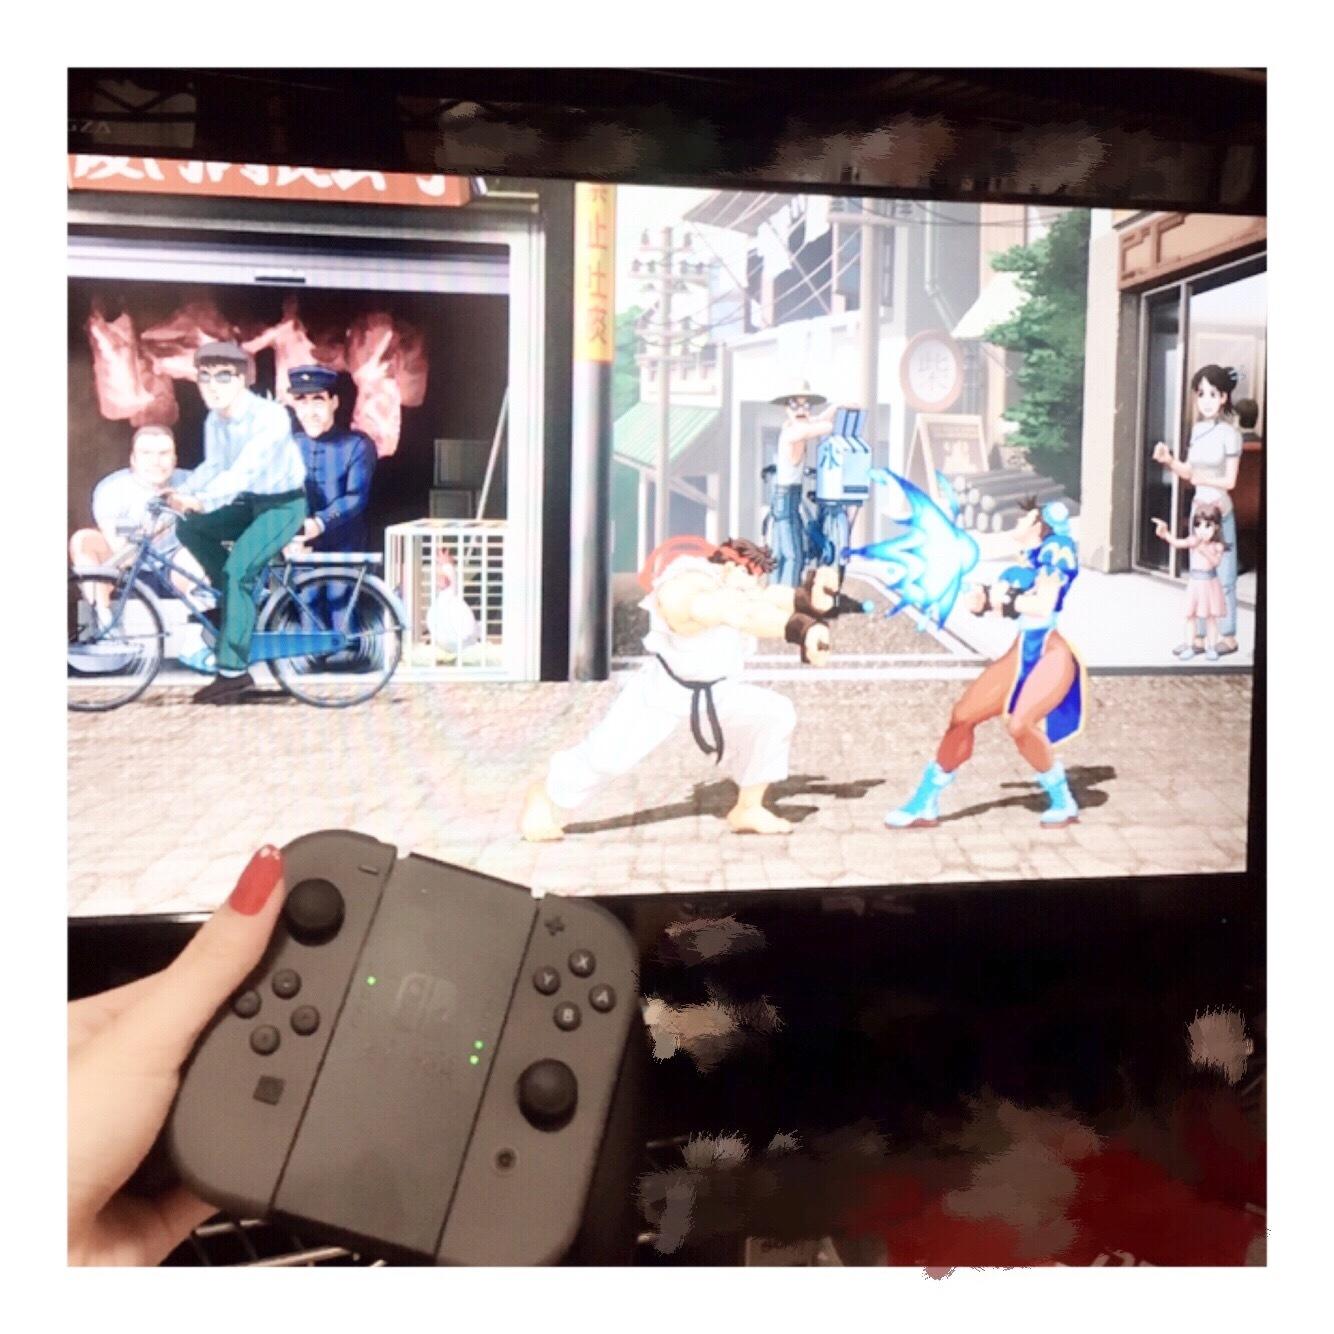 ゲーマー女子♡大人気で入手困難!?『 Nintendo switch 』_1_5